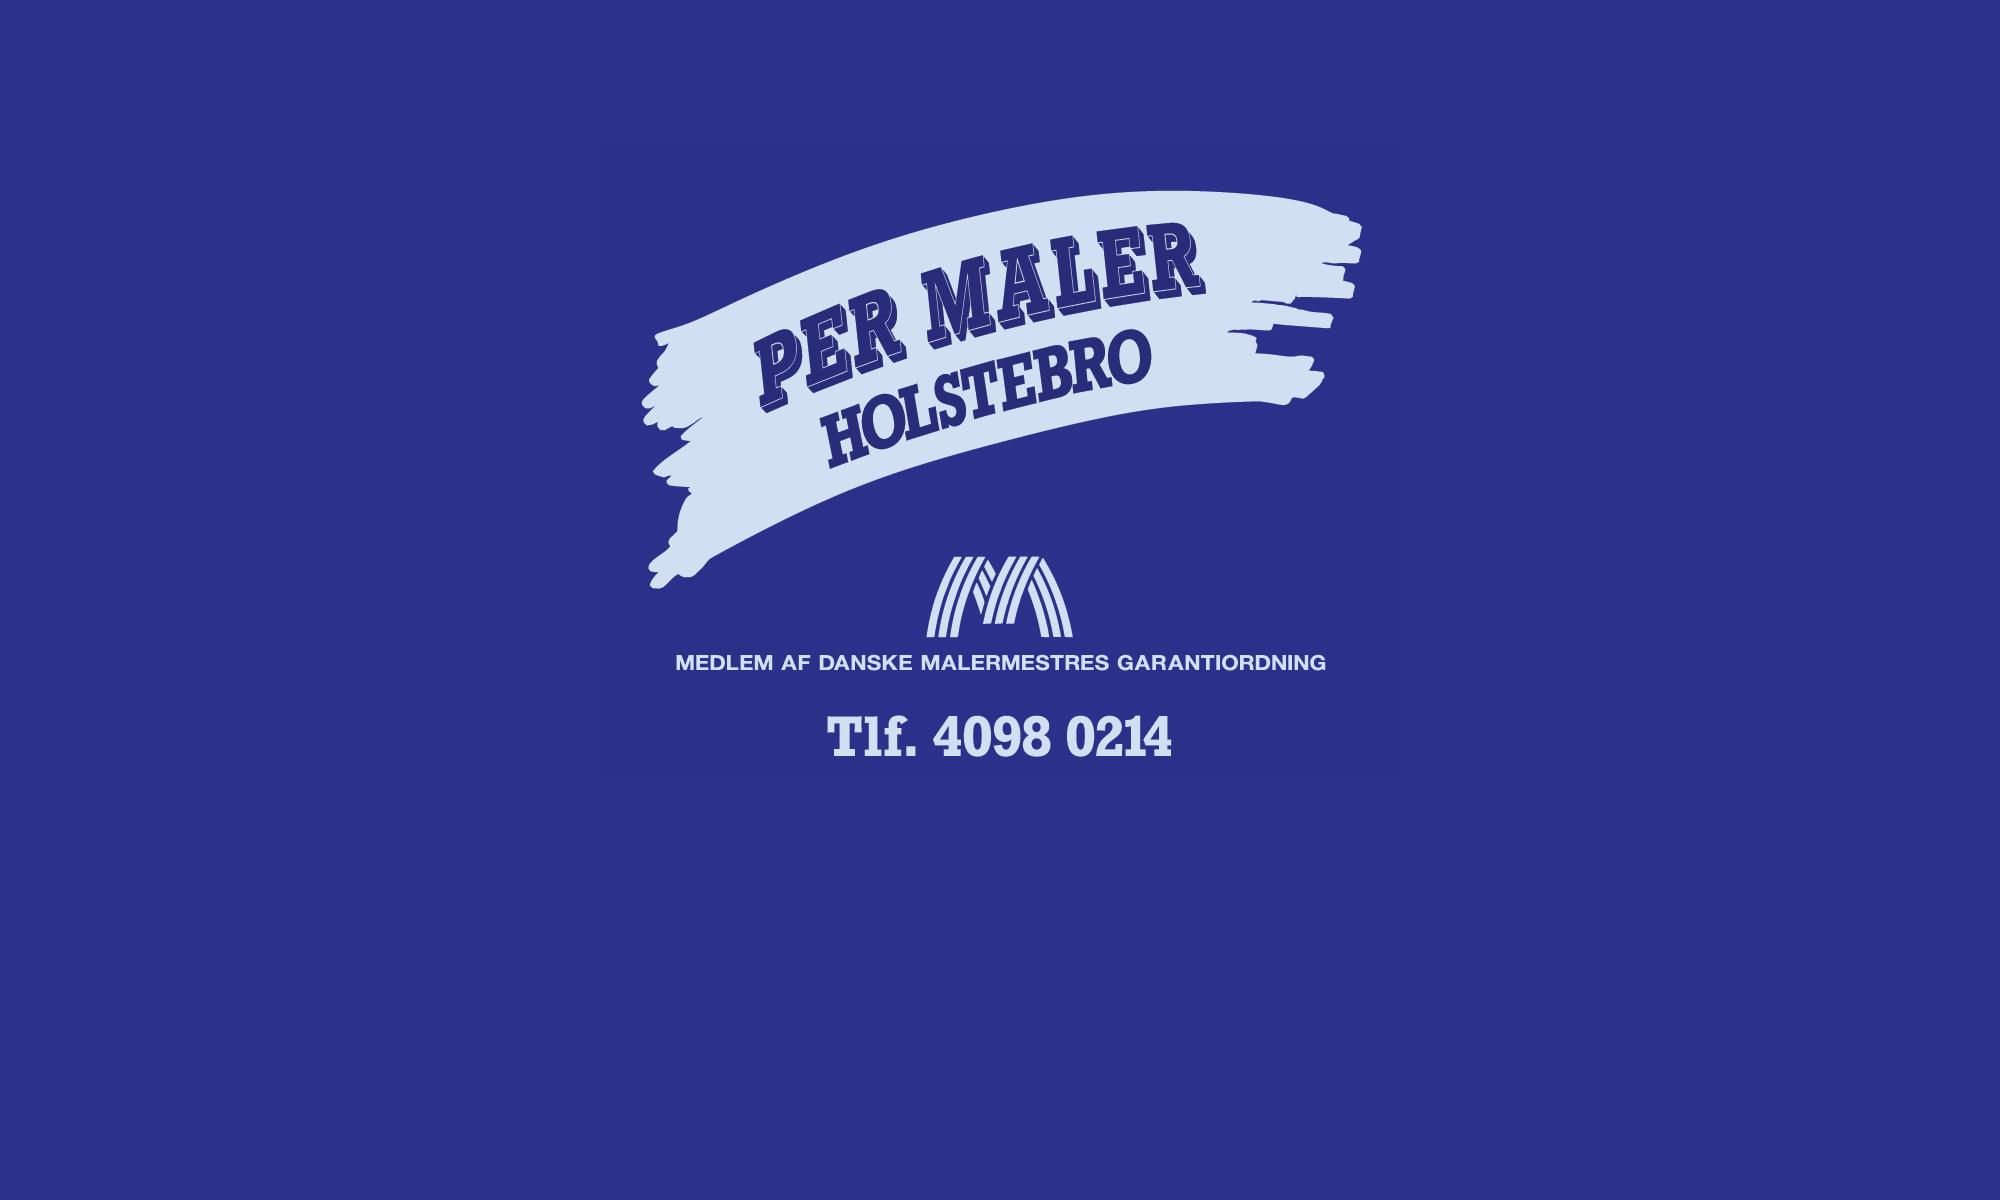 Per Maler